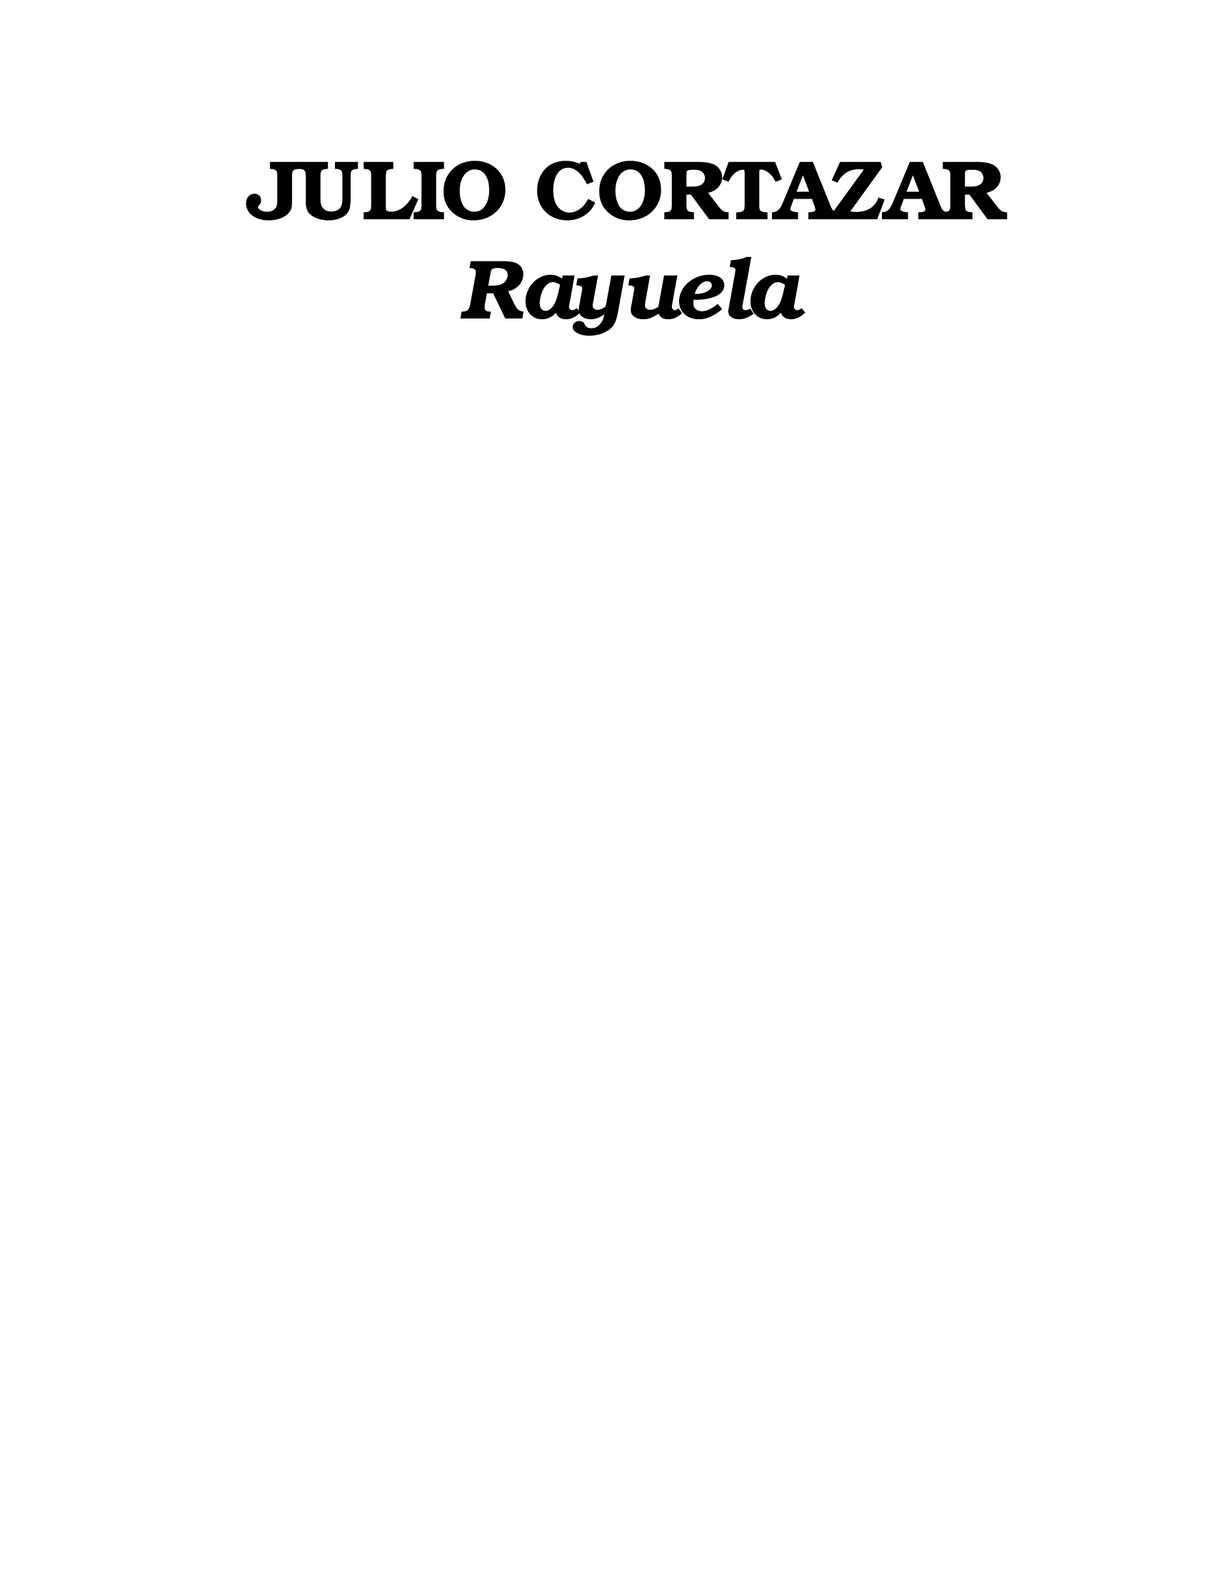 Calaméo - 8 Cielo Rayuela Libro 679991826004